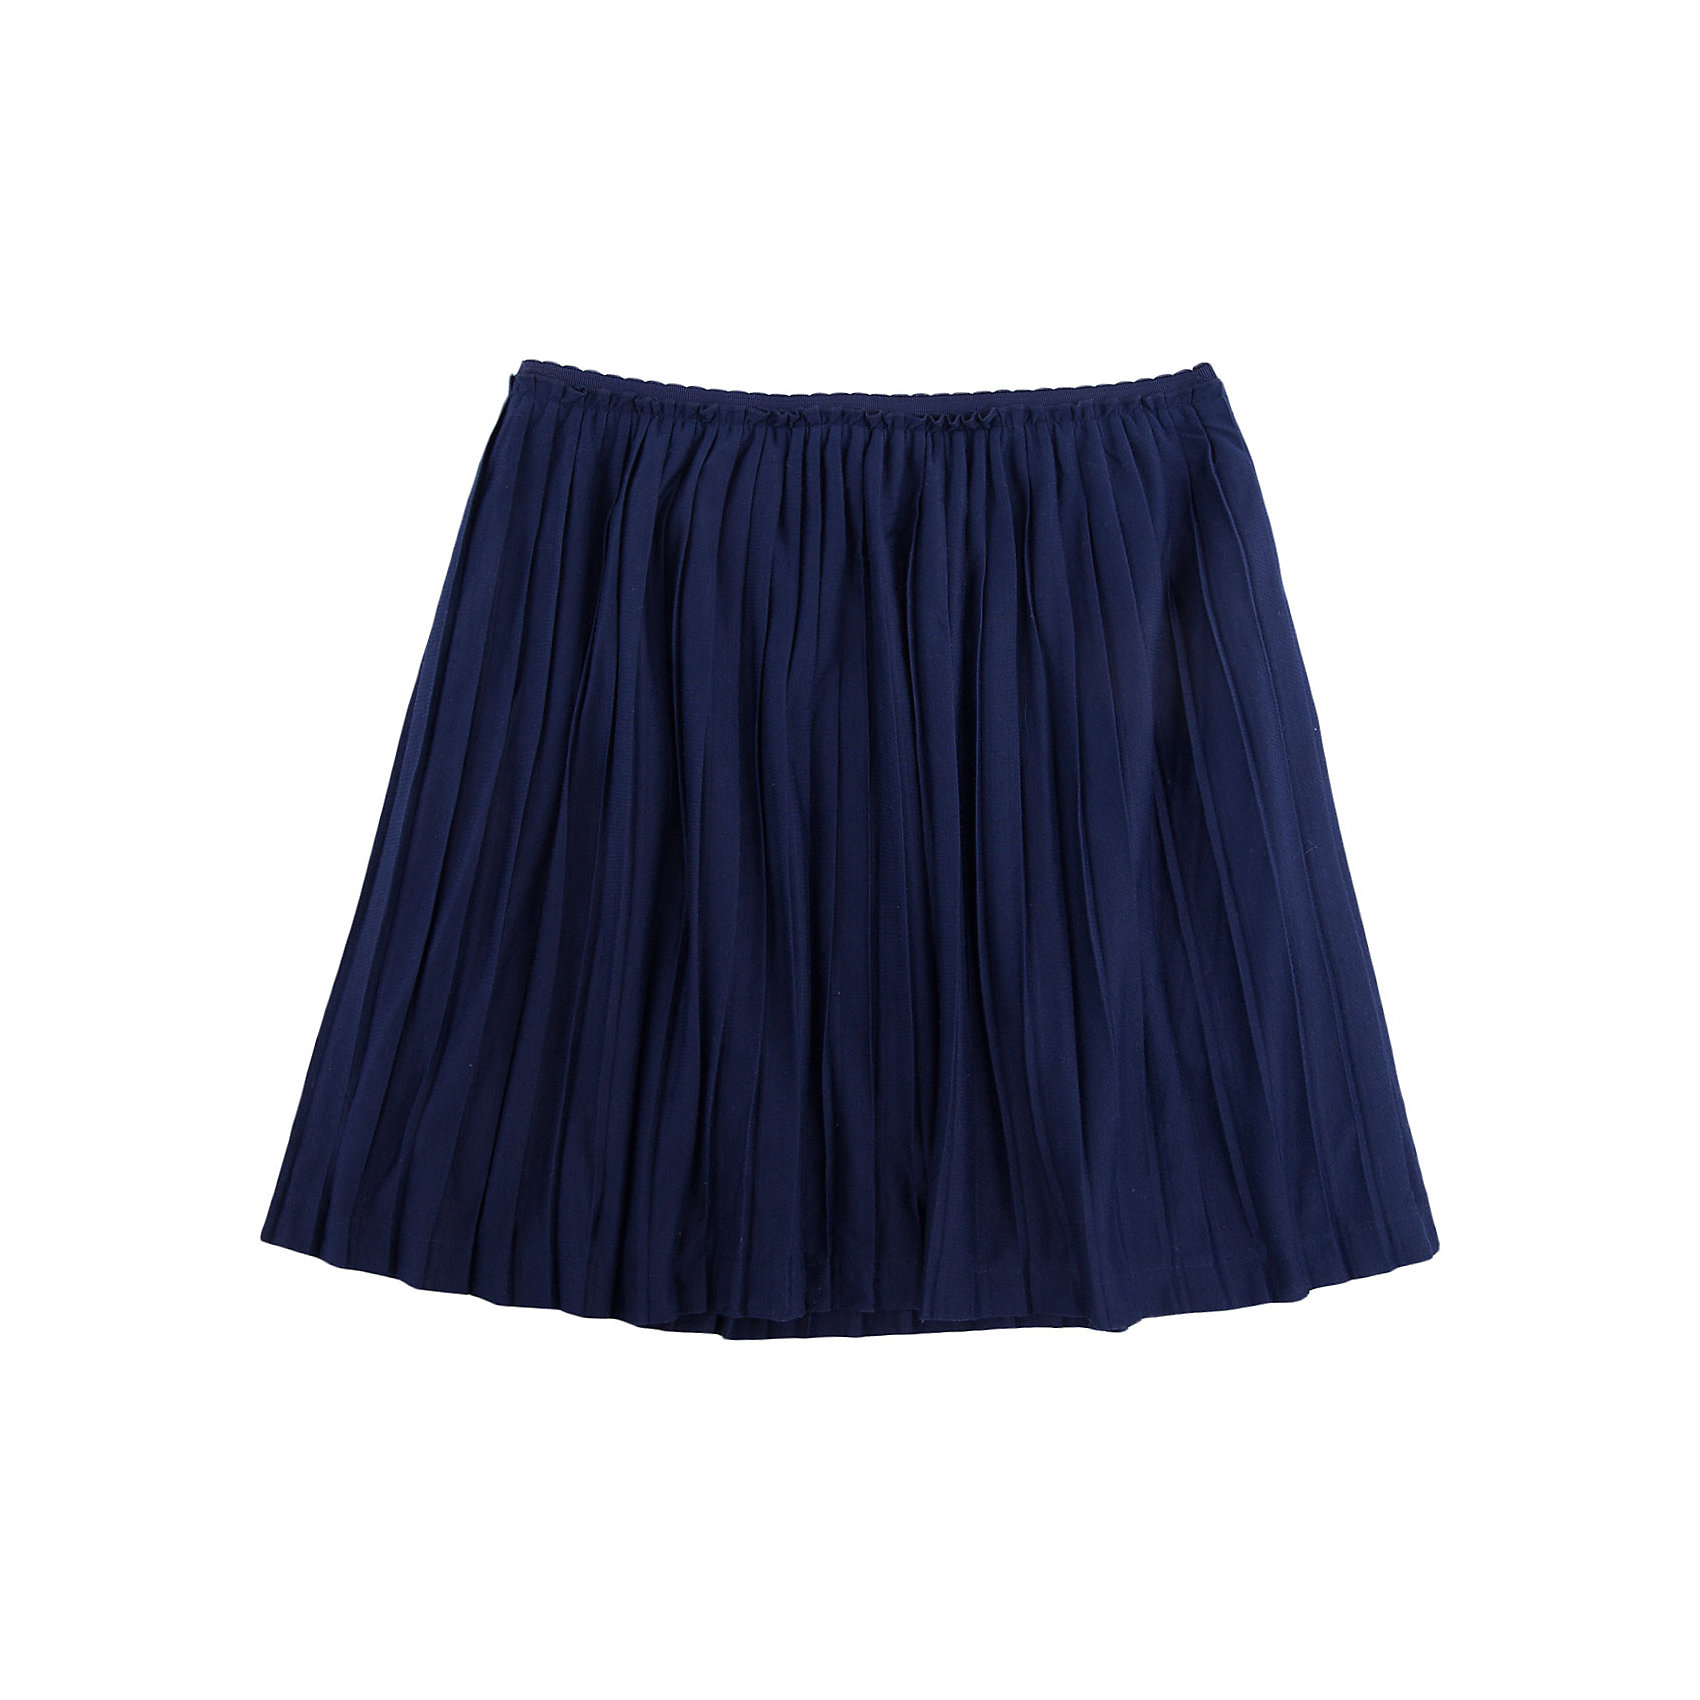 Юбка для девочки ScoolЮбки<br>Юбка для девочки от известного бренда Scool<br>Состав:<br>100% полиэстер<br>Легкая плиссированная юбка из темно-синего трикотажа на подкладке. Пояс на резинке, внутри текстильная подкладка. Хорошо смотрится с любыми блузками и футболками.<br><br>Ширина мм: 207<br>Глубина мм: 10<br>Высота мм: 189<br>Вес г: 183<br>Цвет: полуночно-синий<br>Возраст от месяцев: 72<br>Возраст до месяцев: 84<br>Пол: Женский<br>Возраст: Детский<br>Размер: 122,164,158,152,146,140,134,128<br>SKU: 4687056